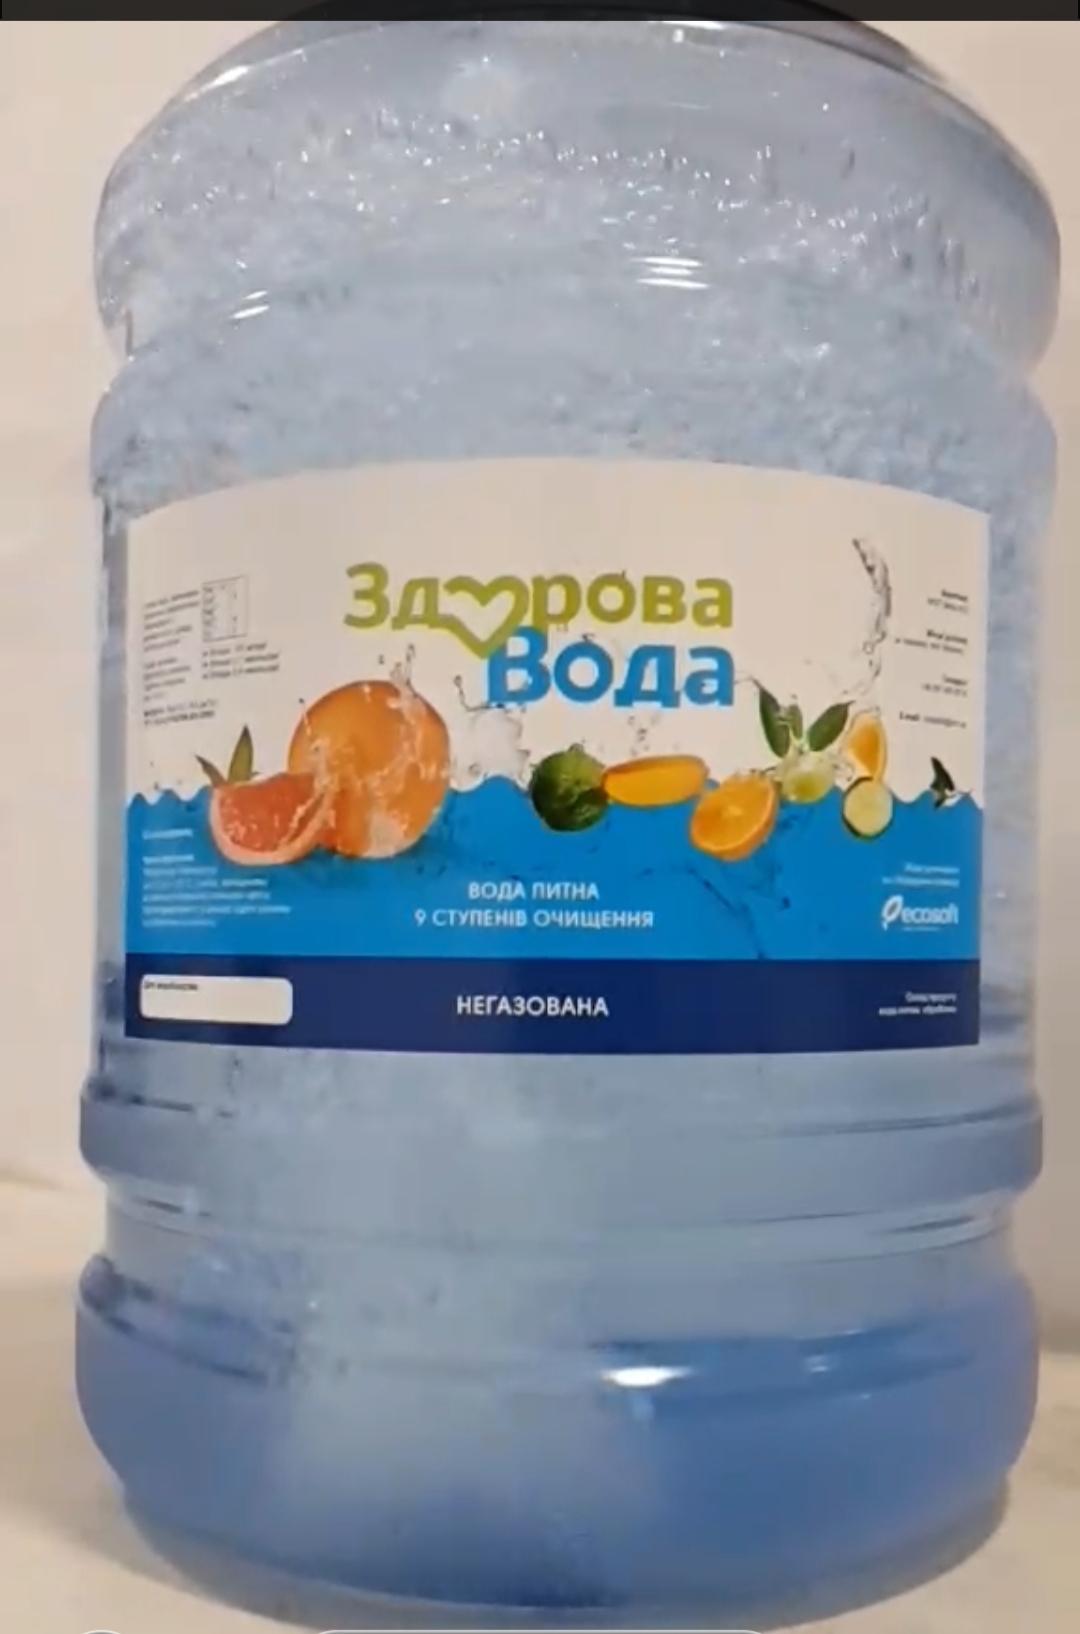 Вода Здорова